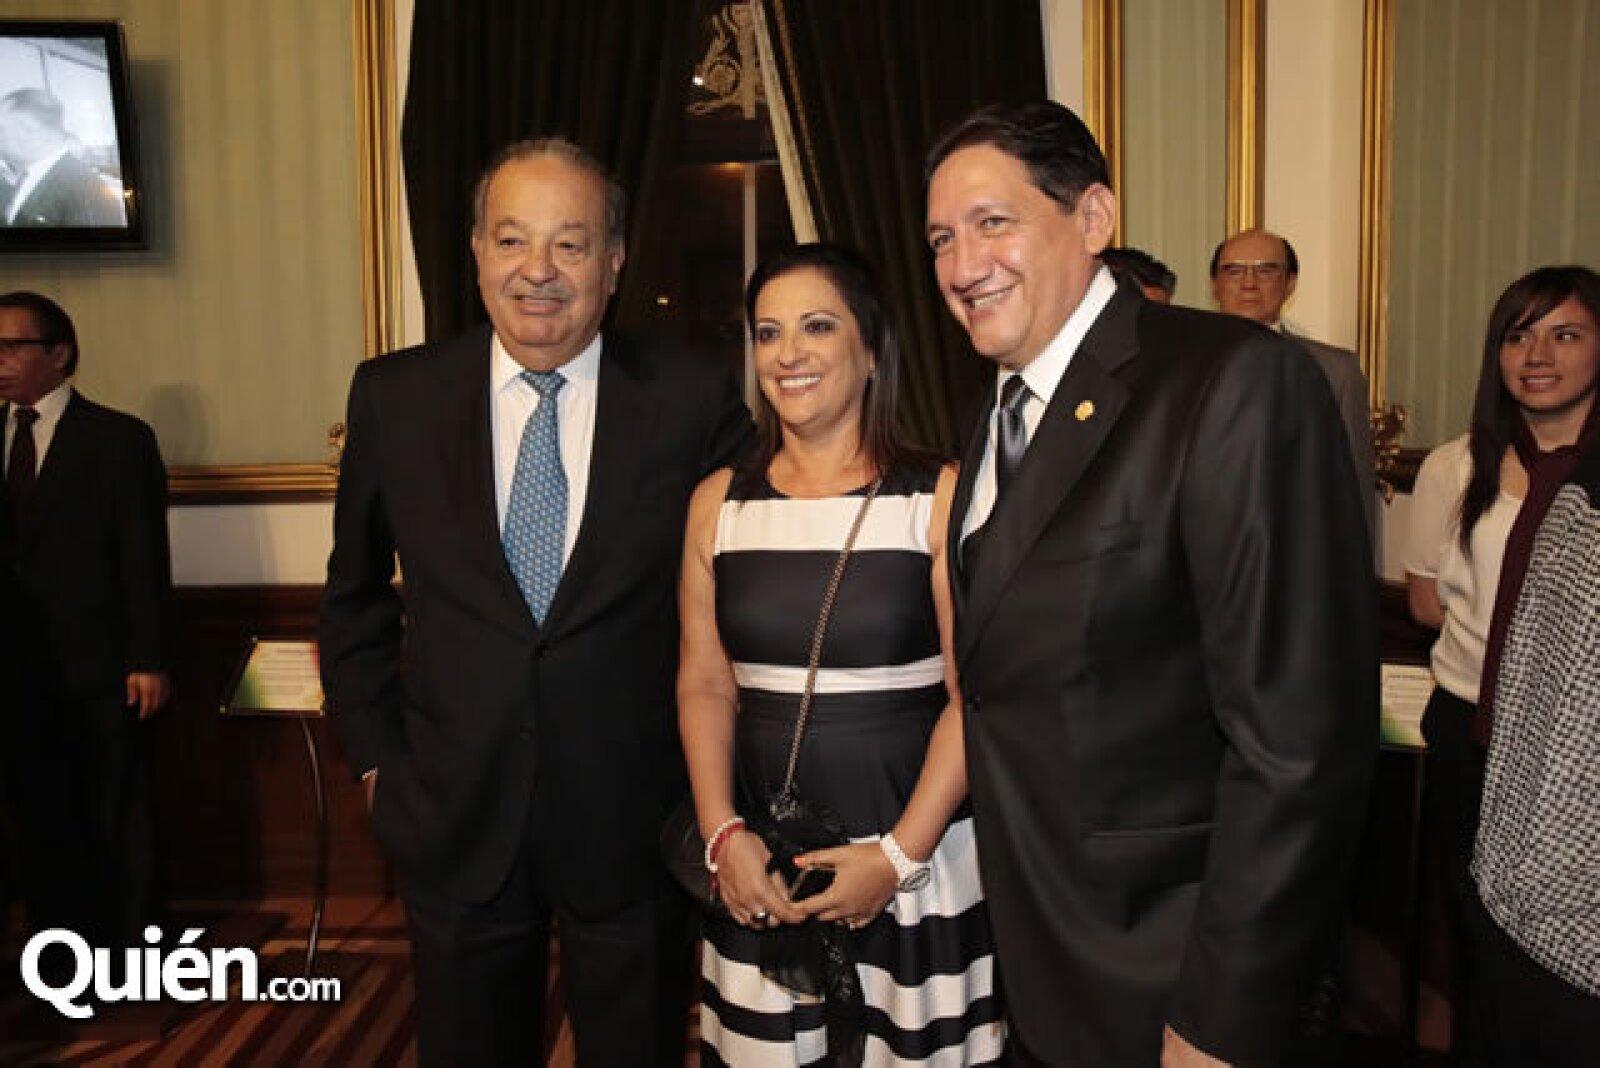 Carlos Slim,María Eugenia Bermúdez de Montano,Alejandro Montano